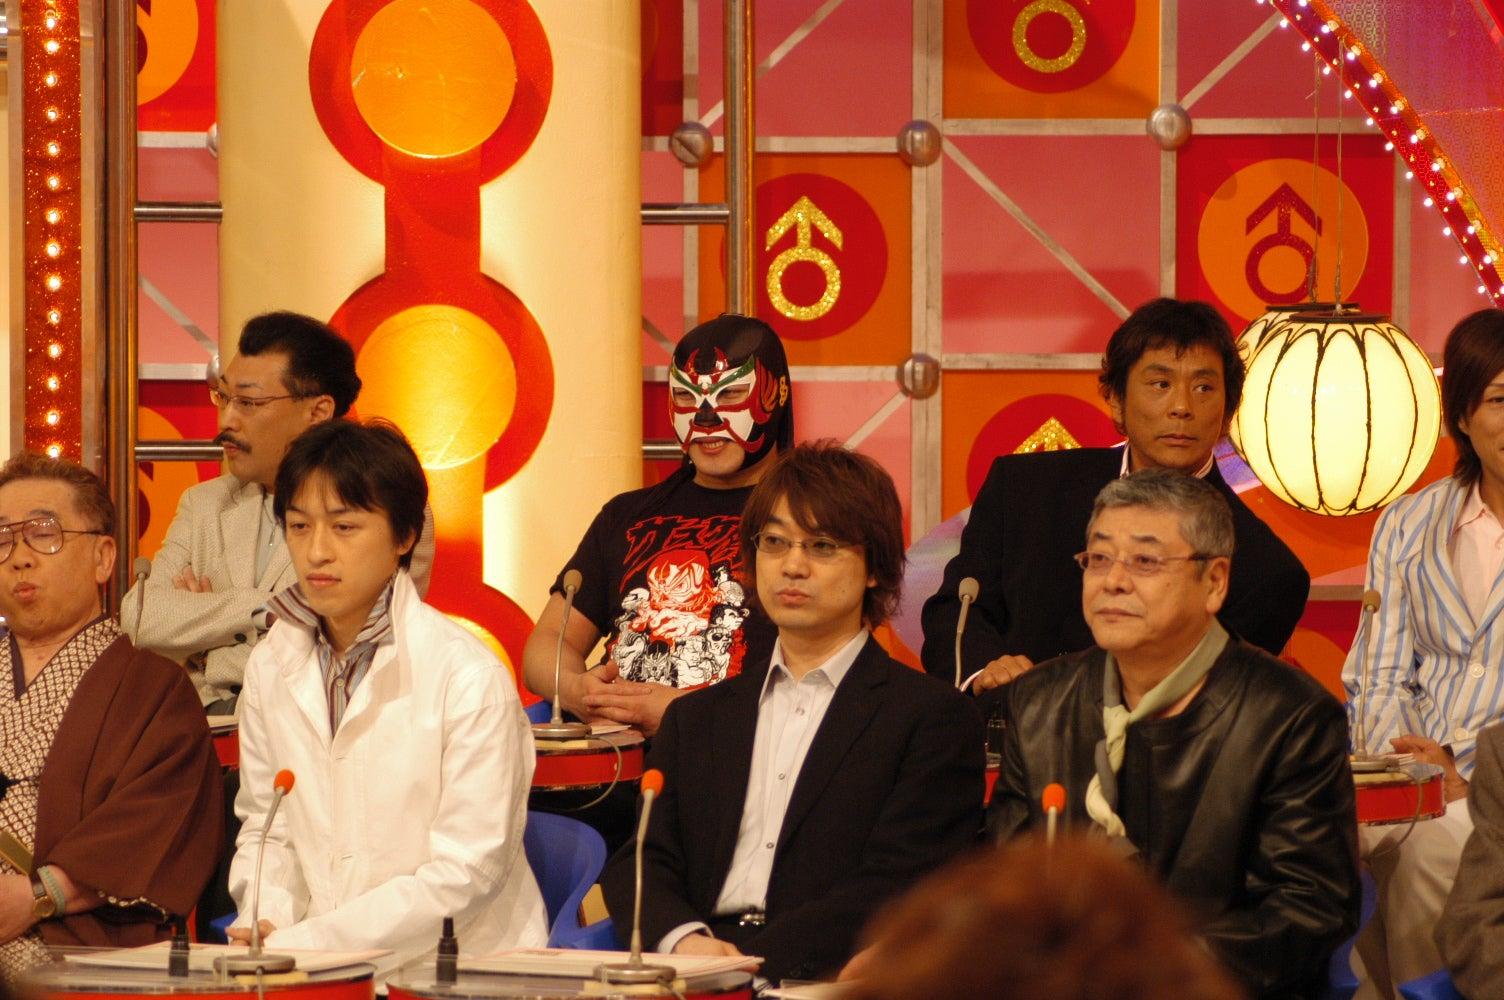 2004_03_14壮絶バトル花の芸能界...